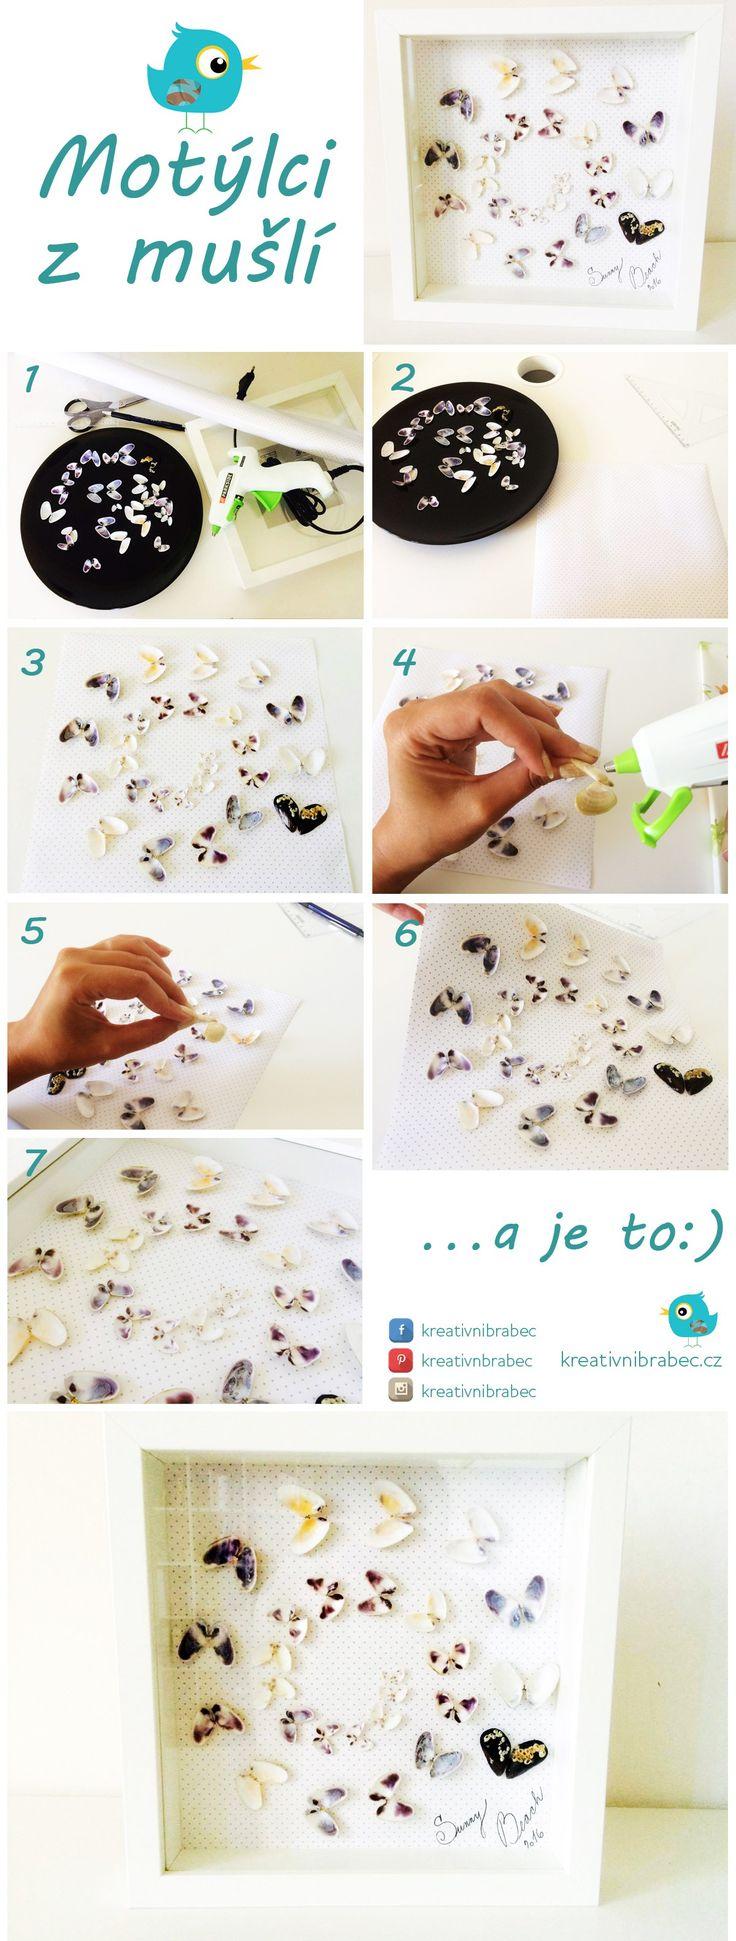 Návod na obrázek s motýlky z mušlí